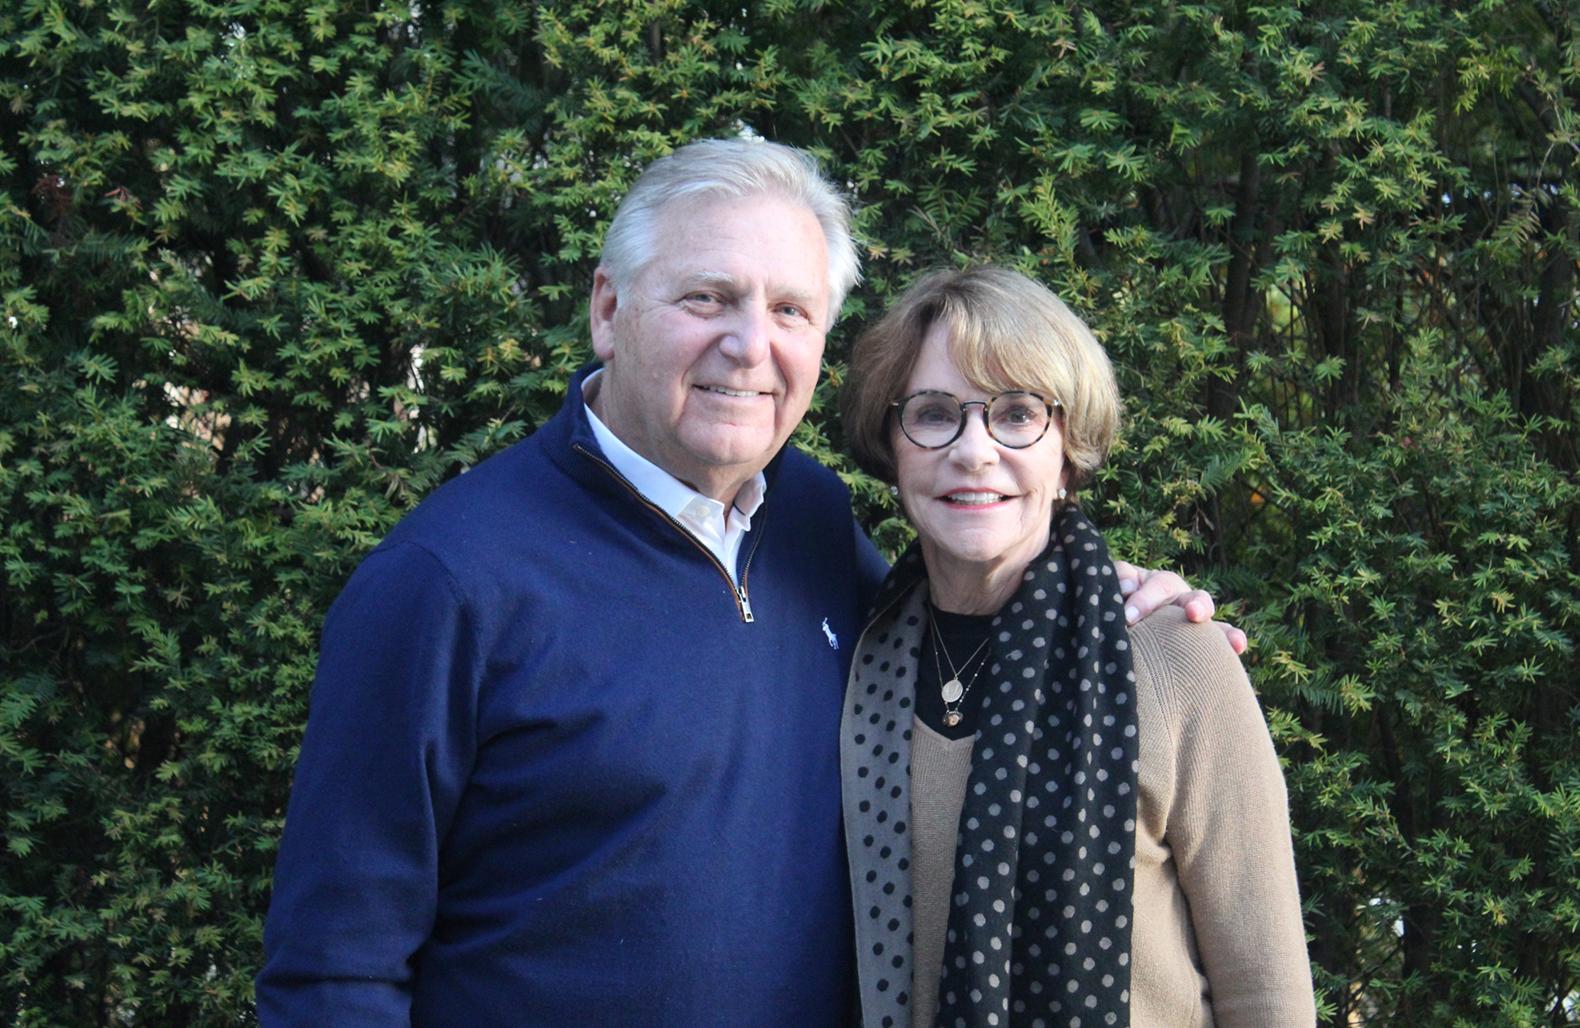 Rod Senft and Wife Jeannie Senft